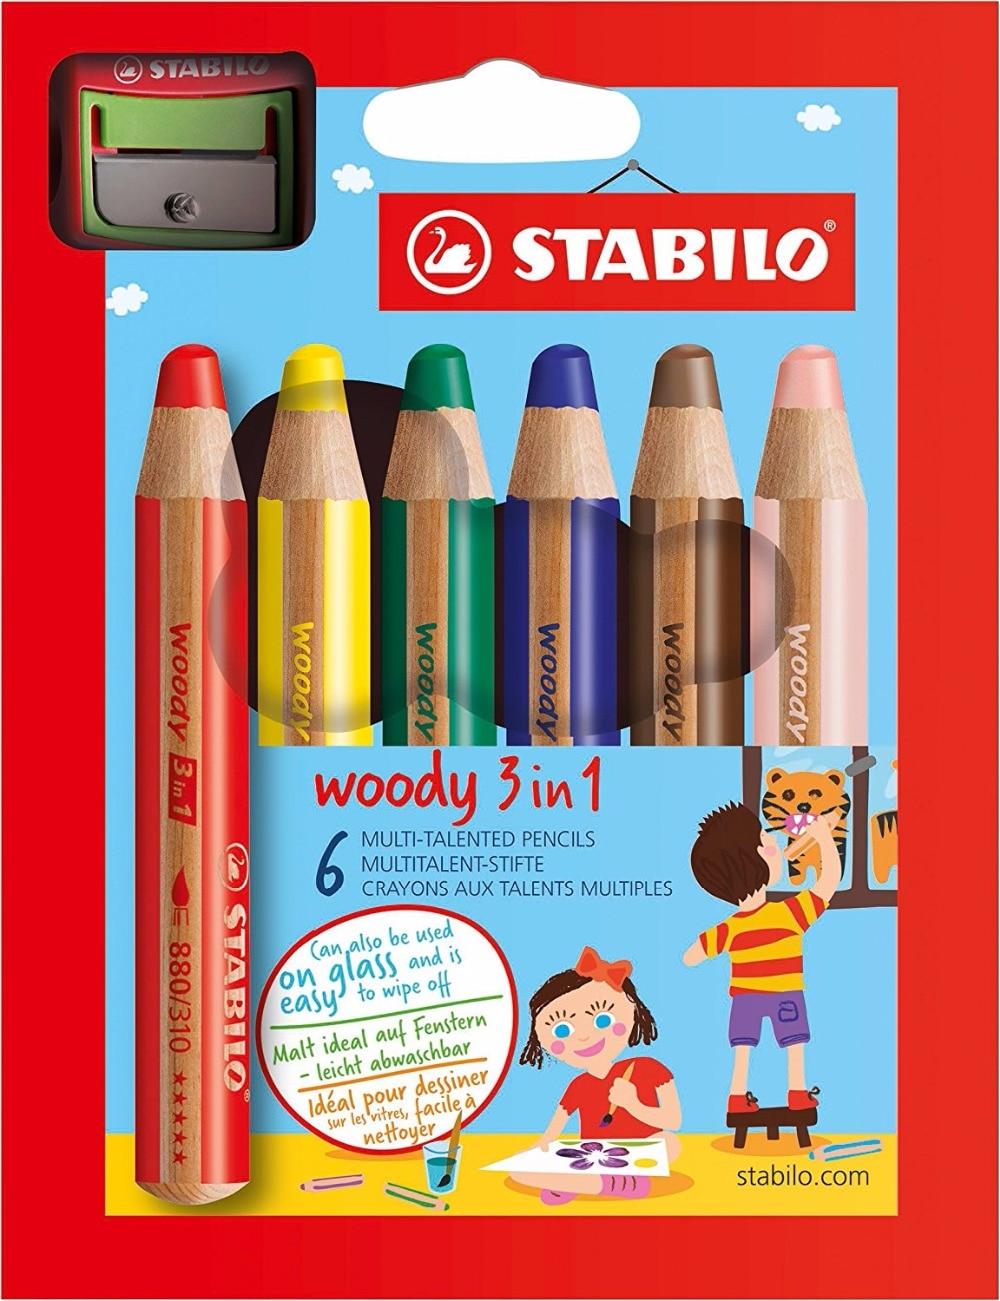 Woody 3 In 1 Multi Talented Stabilo Pensil Warna Aneka Dompet Dari 6 Staedtler Triplus Fineliner 334 M50 Set Pulpen 10 18 Di Standar Kantor Perlengkapan Sekolah Aliexpresscom